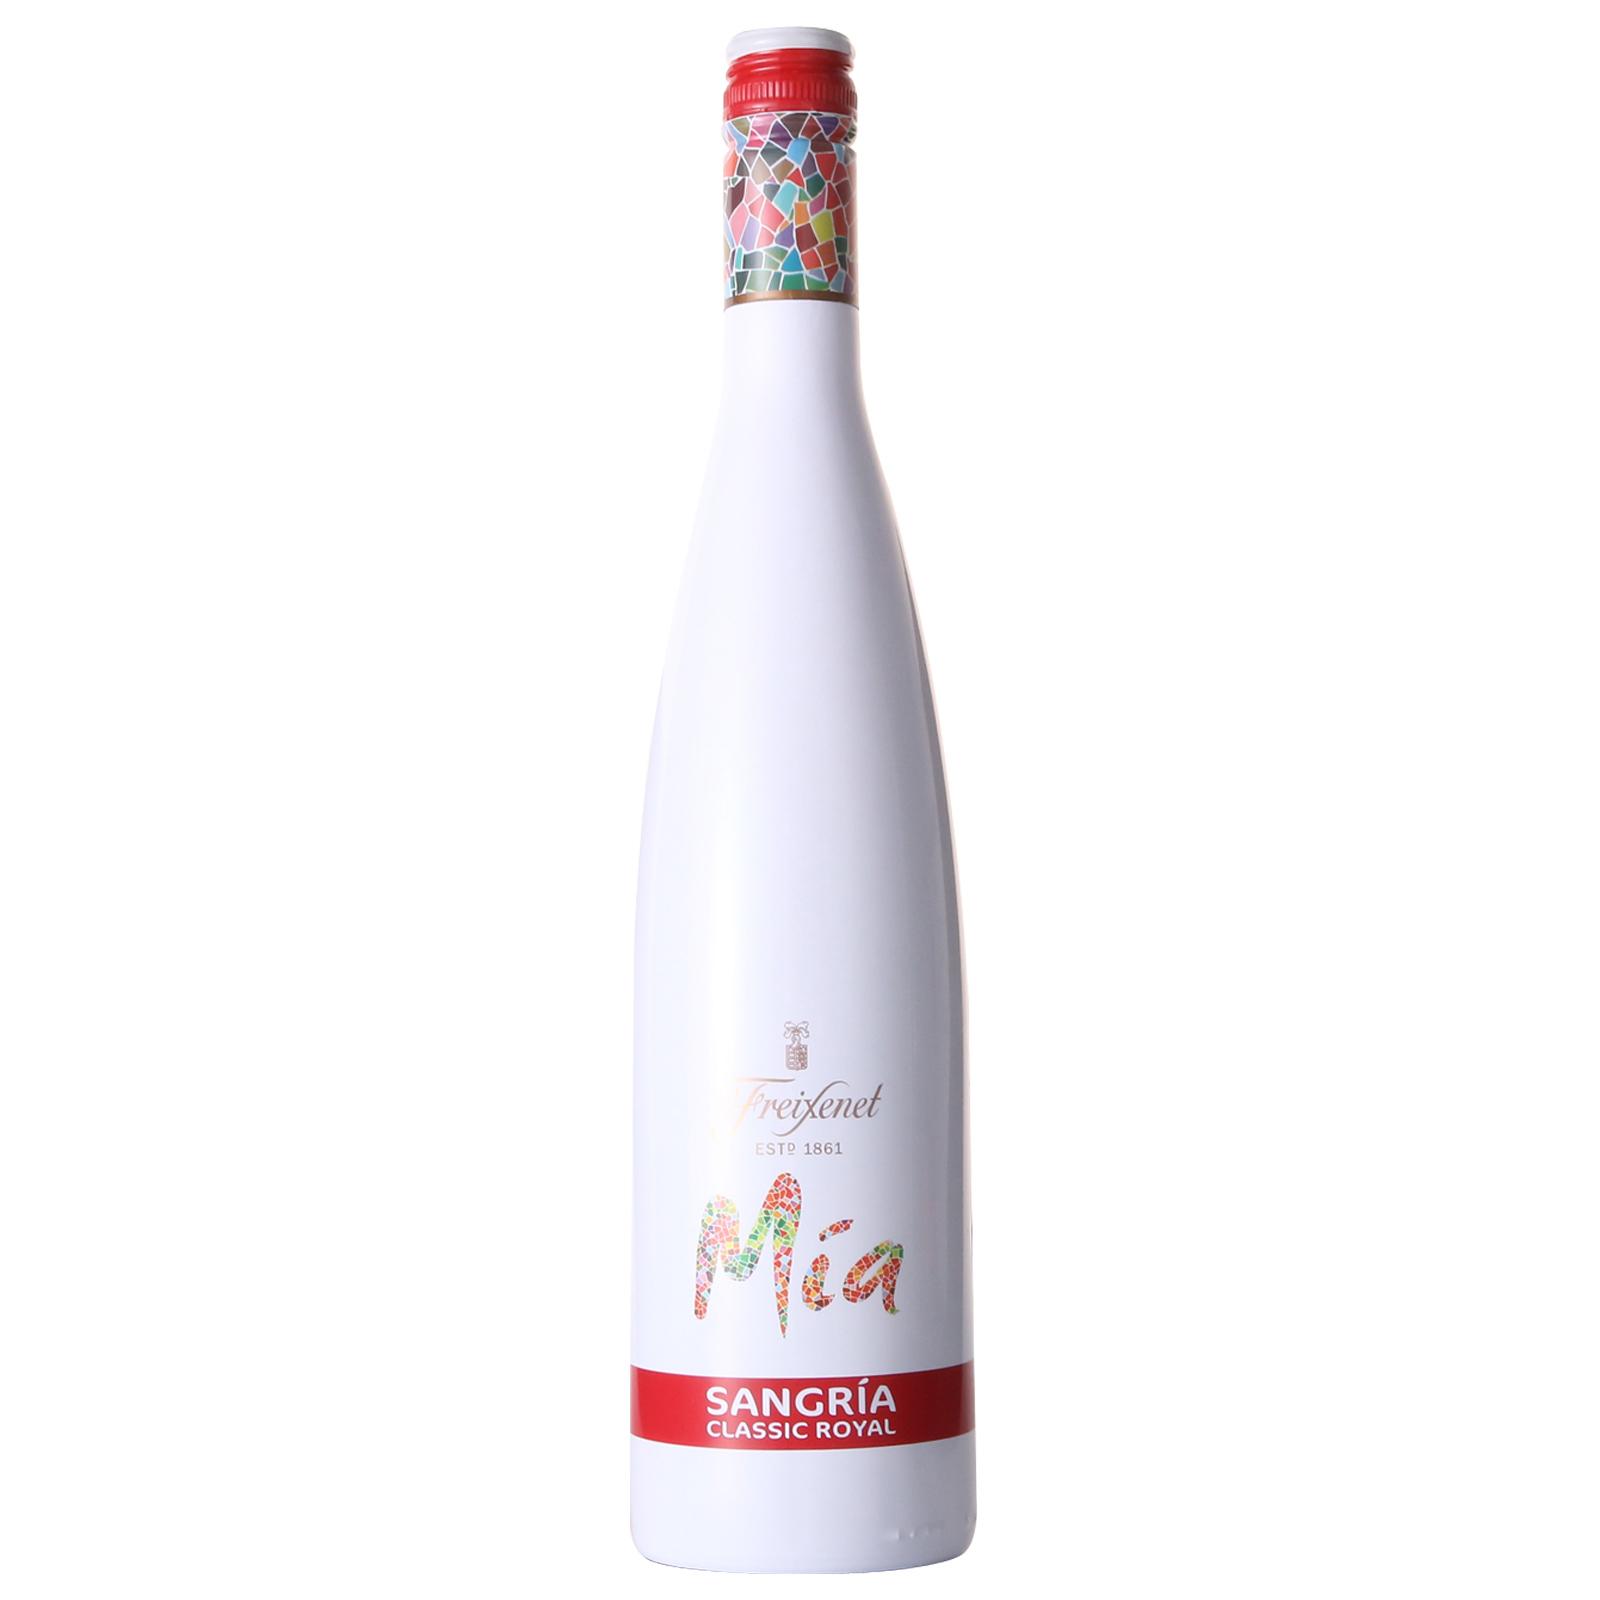 菲斯奈特臻我桑格利亚加香甜红葡萄酒 Freixenet Mia Sangria Classic Royal